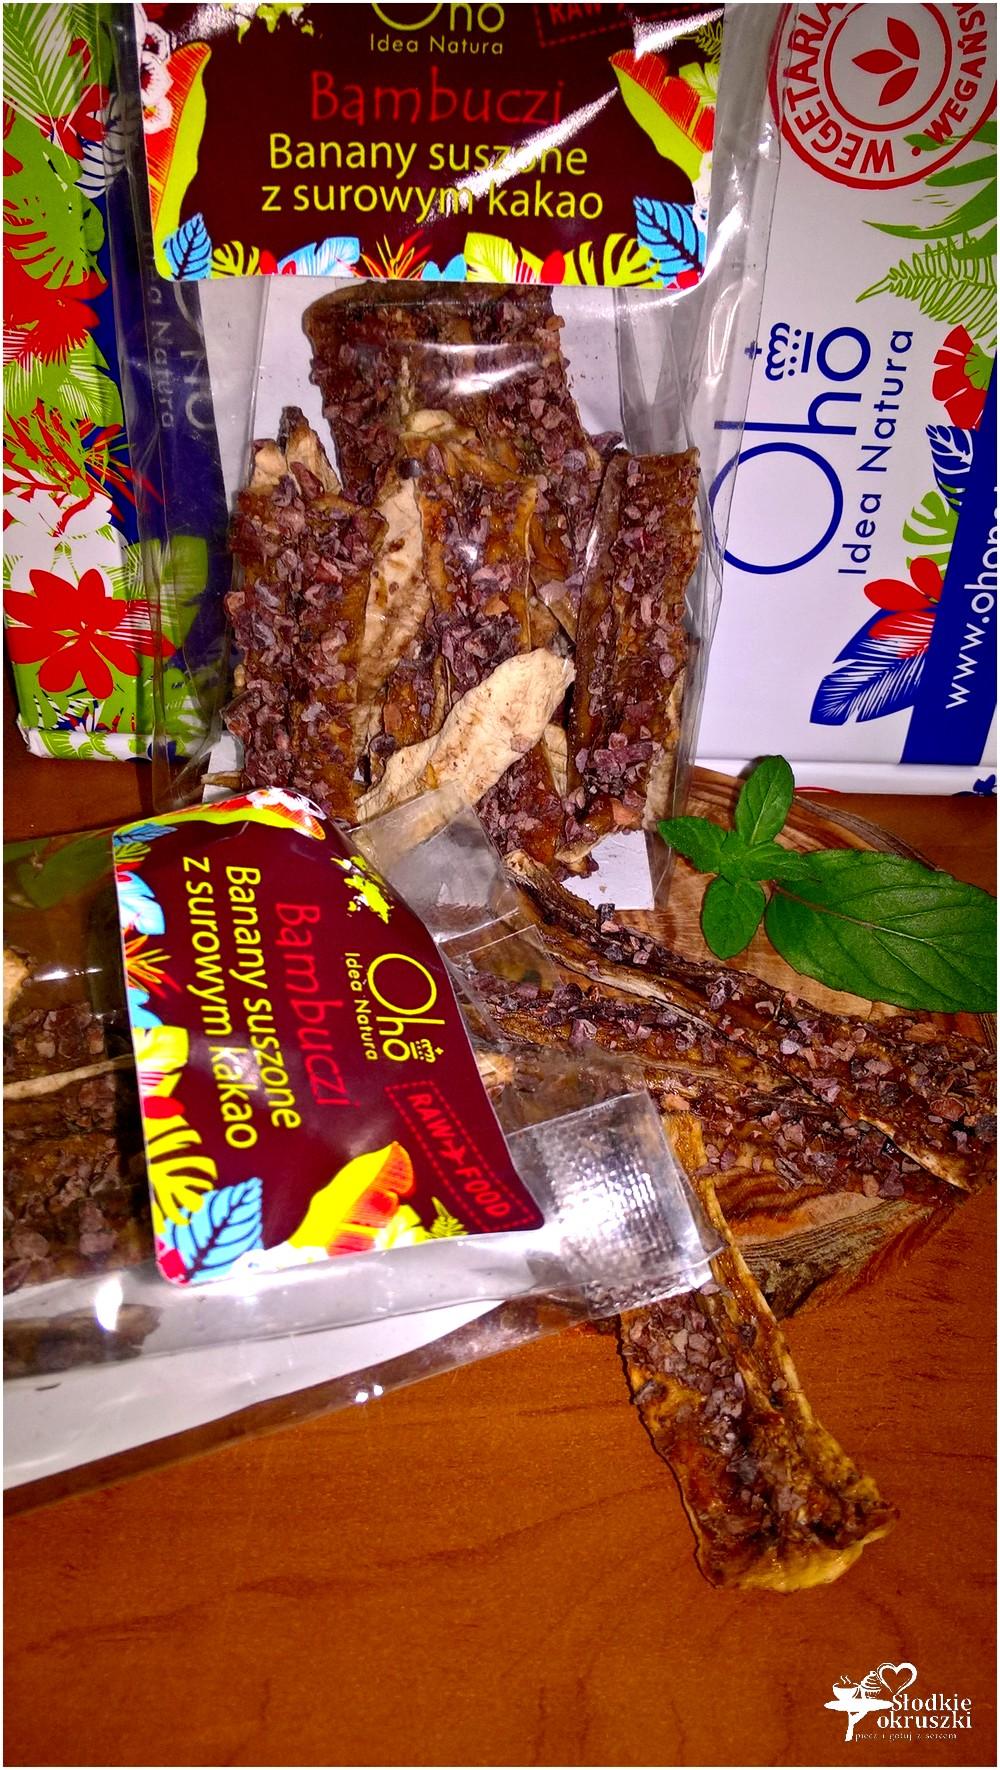 Zdrowie i smak. Bambuczi, czyli suszone banany z surowym kakao (1)